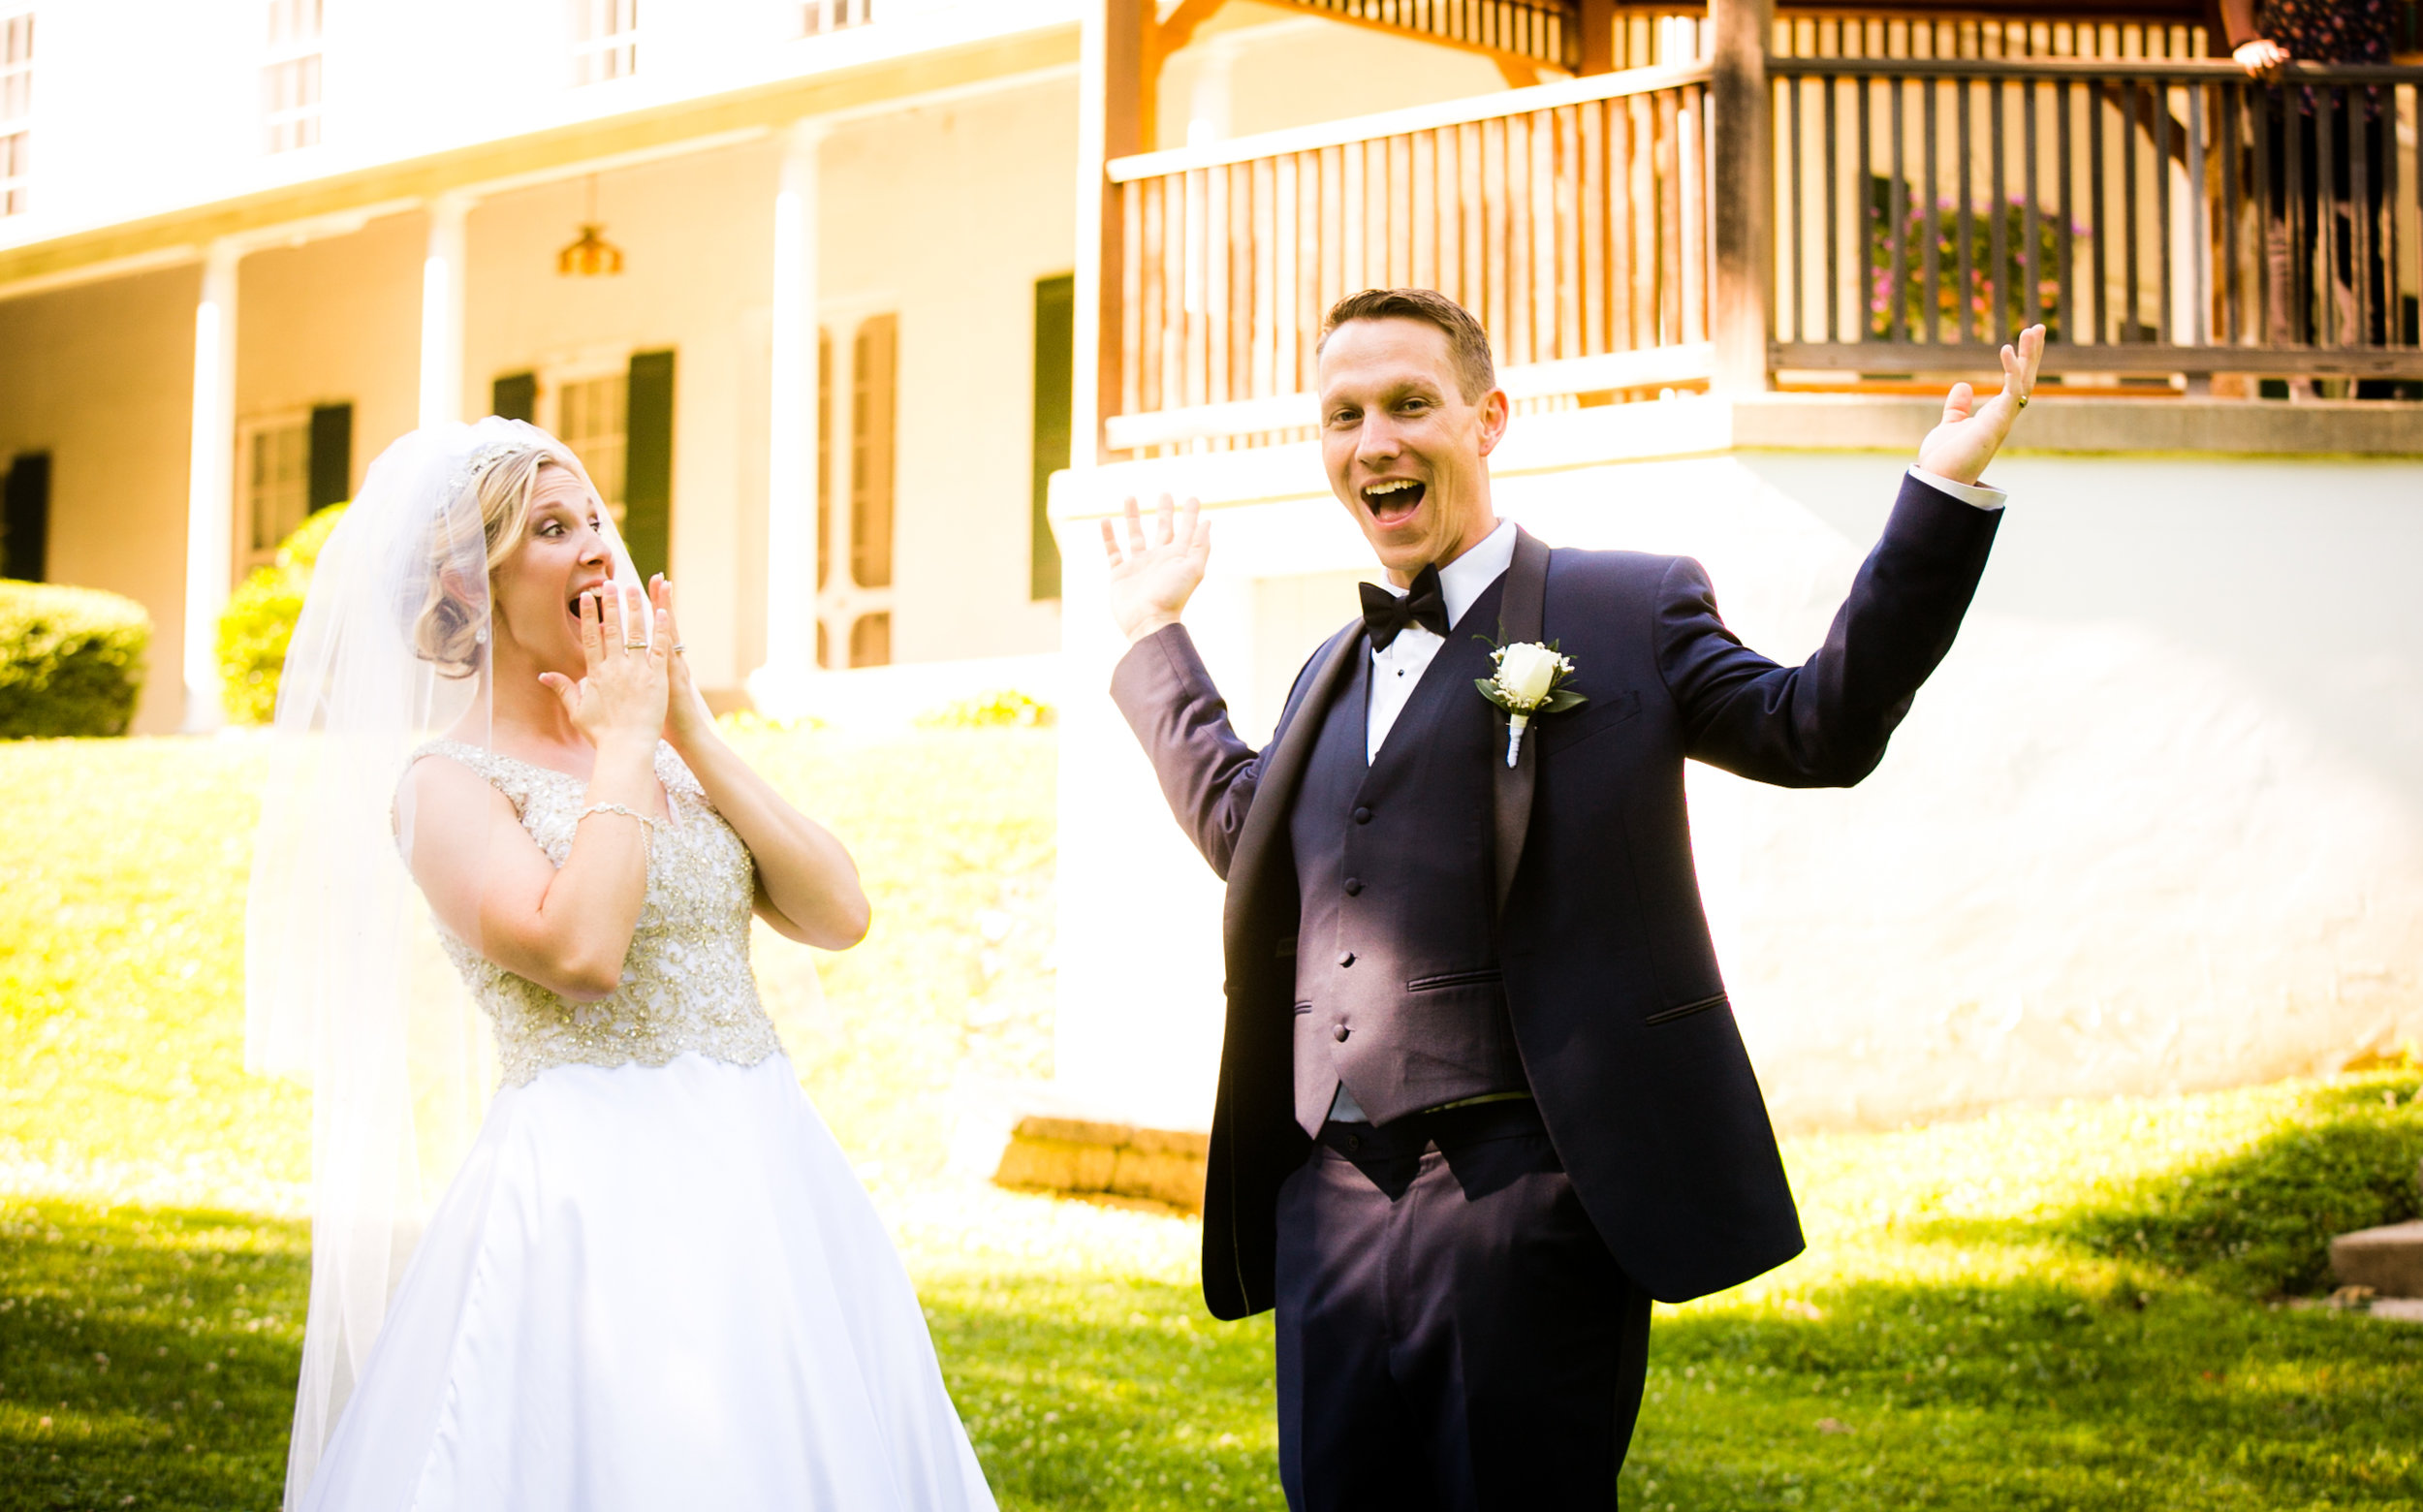 Meisenzahl Wedding - 379.jpg